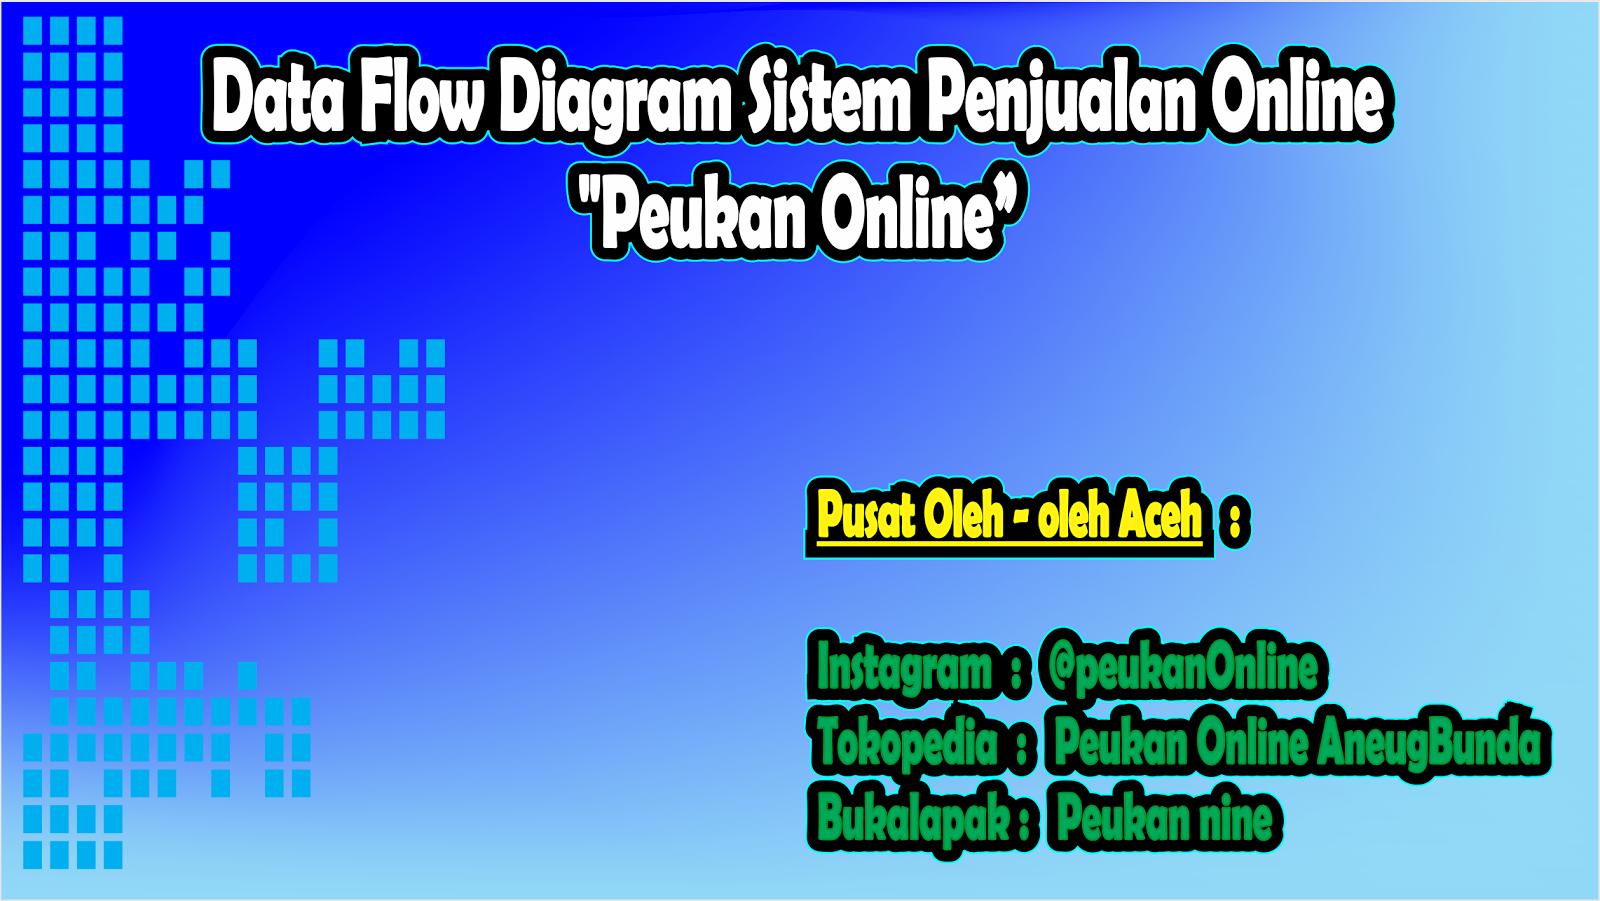 Data flow diagram sistem penjualan online peukan online anggun postingan kali ini akan membahas tentang data flow diagram penjualan online peukan online admin akan menjelaskan bagaimana cara membuat data flow diagram ccuart Image collections